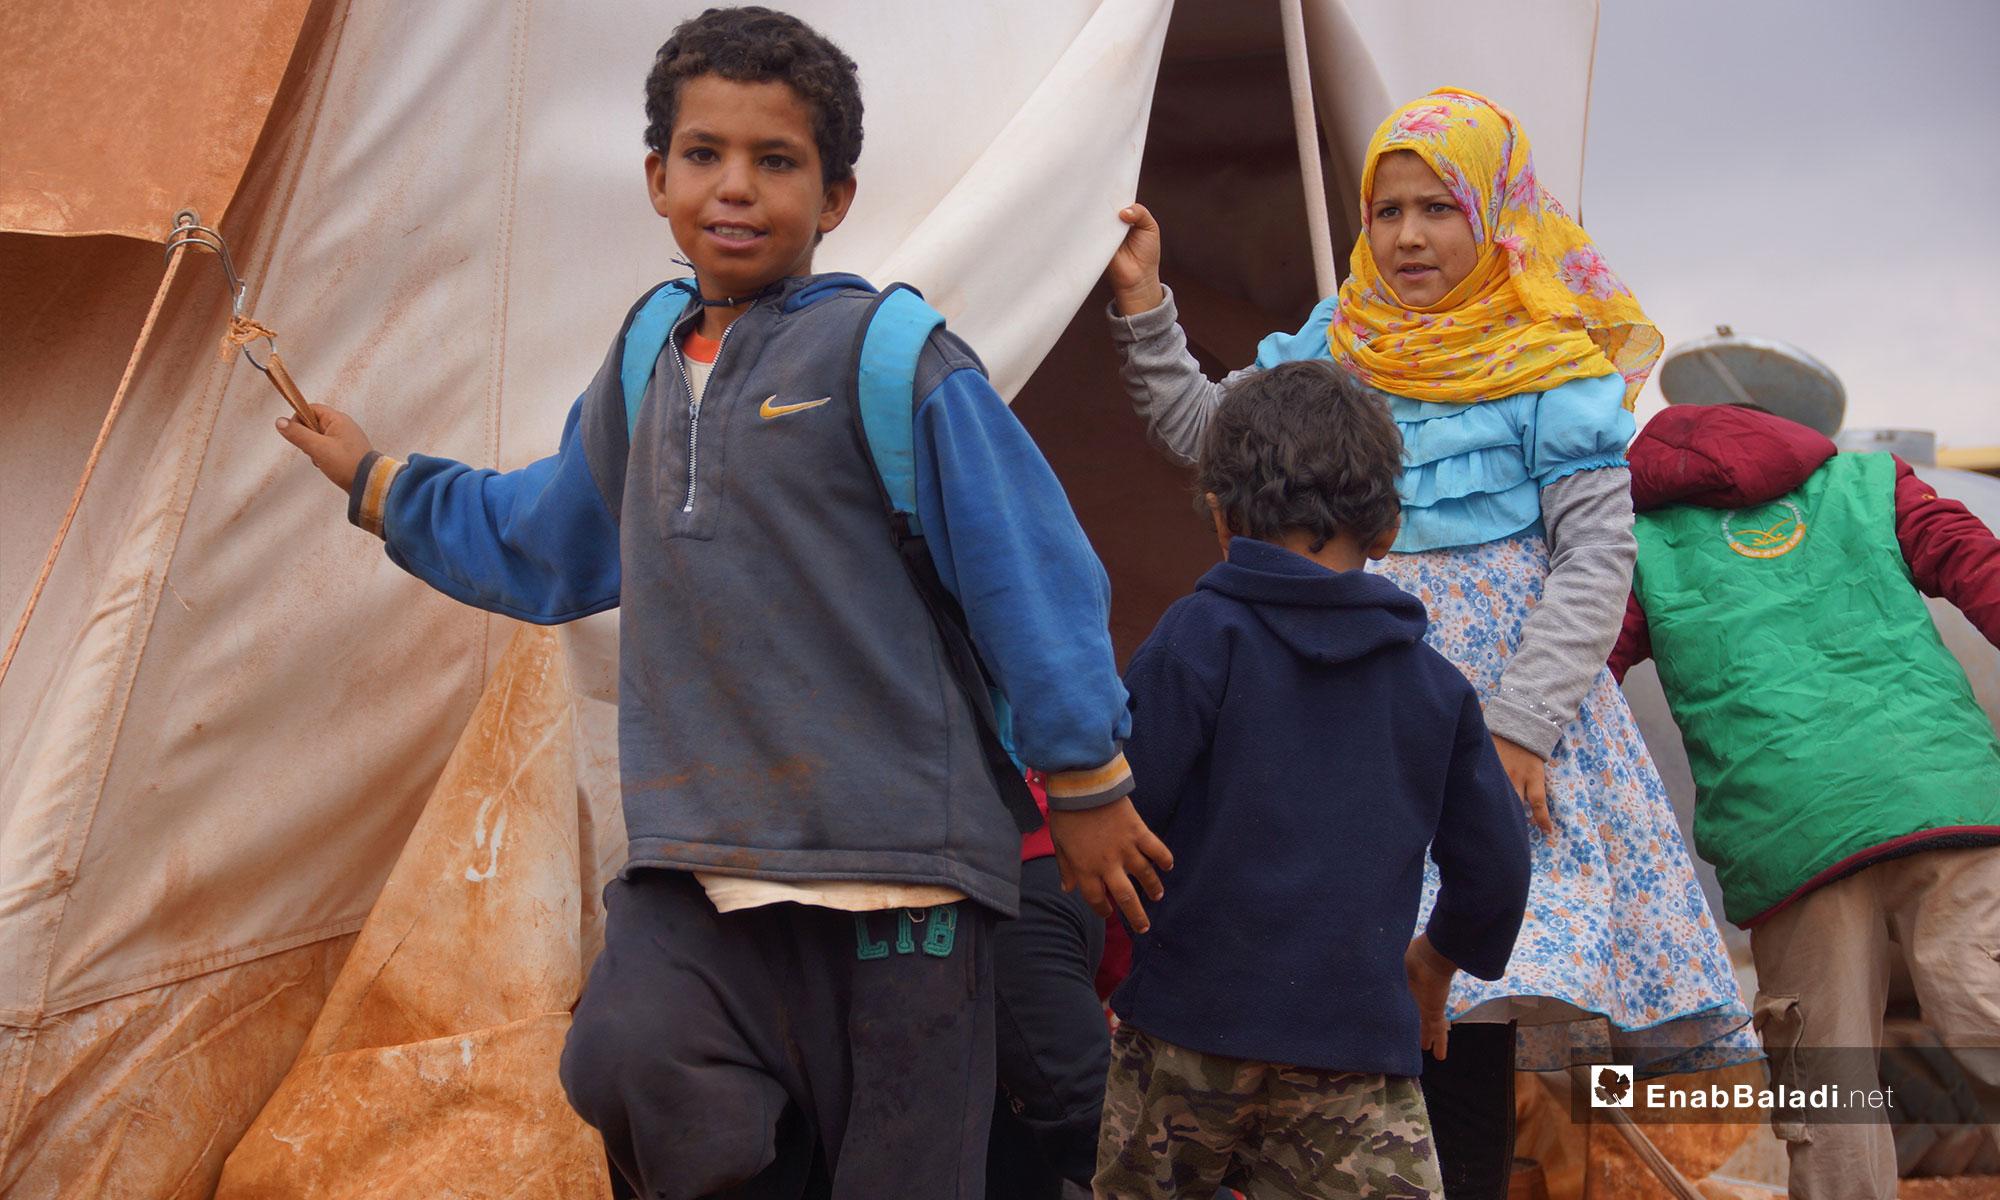 Children displaced from rural Hama at the Abu al-Walid Camp, southern rural Idlib – November 5, 2018 (Enab Baladi)